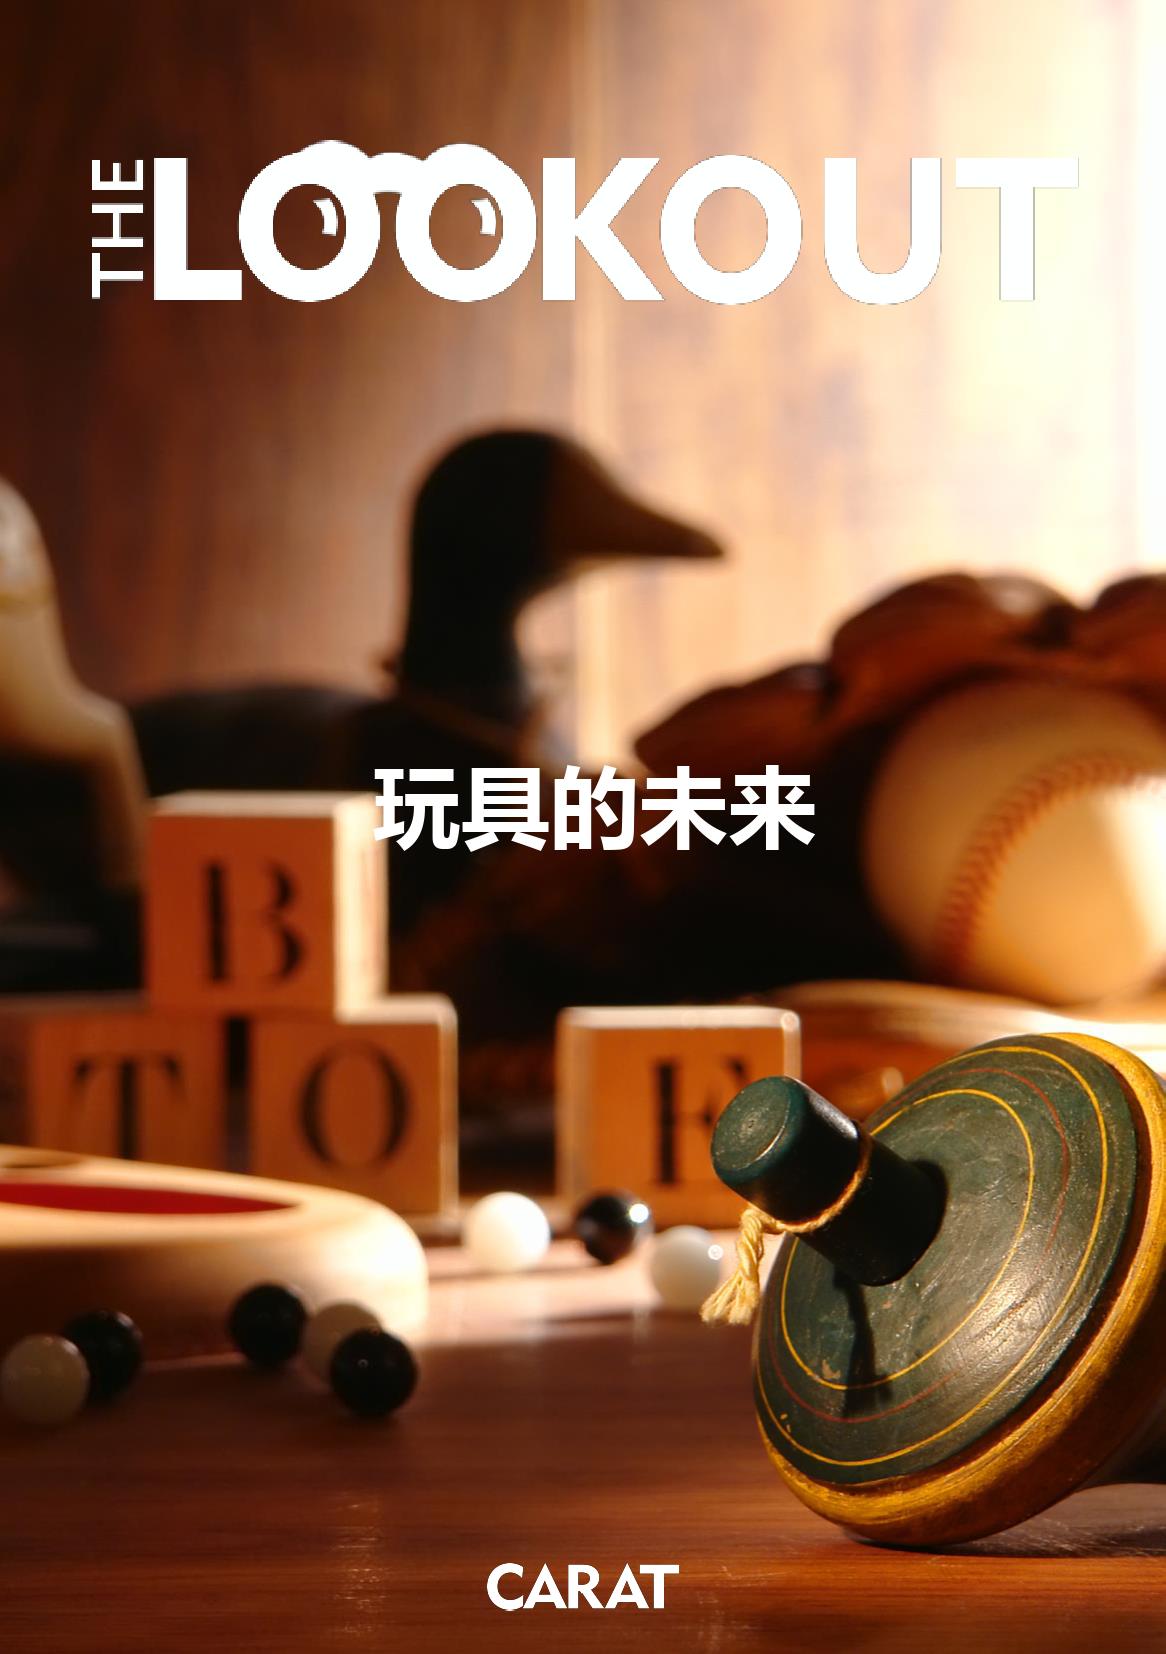 玩具的未来_000001